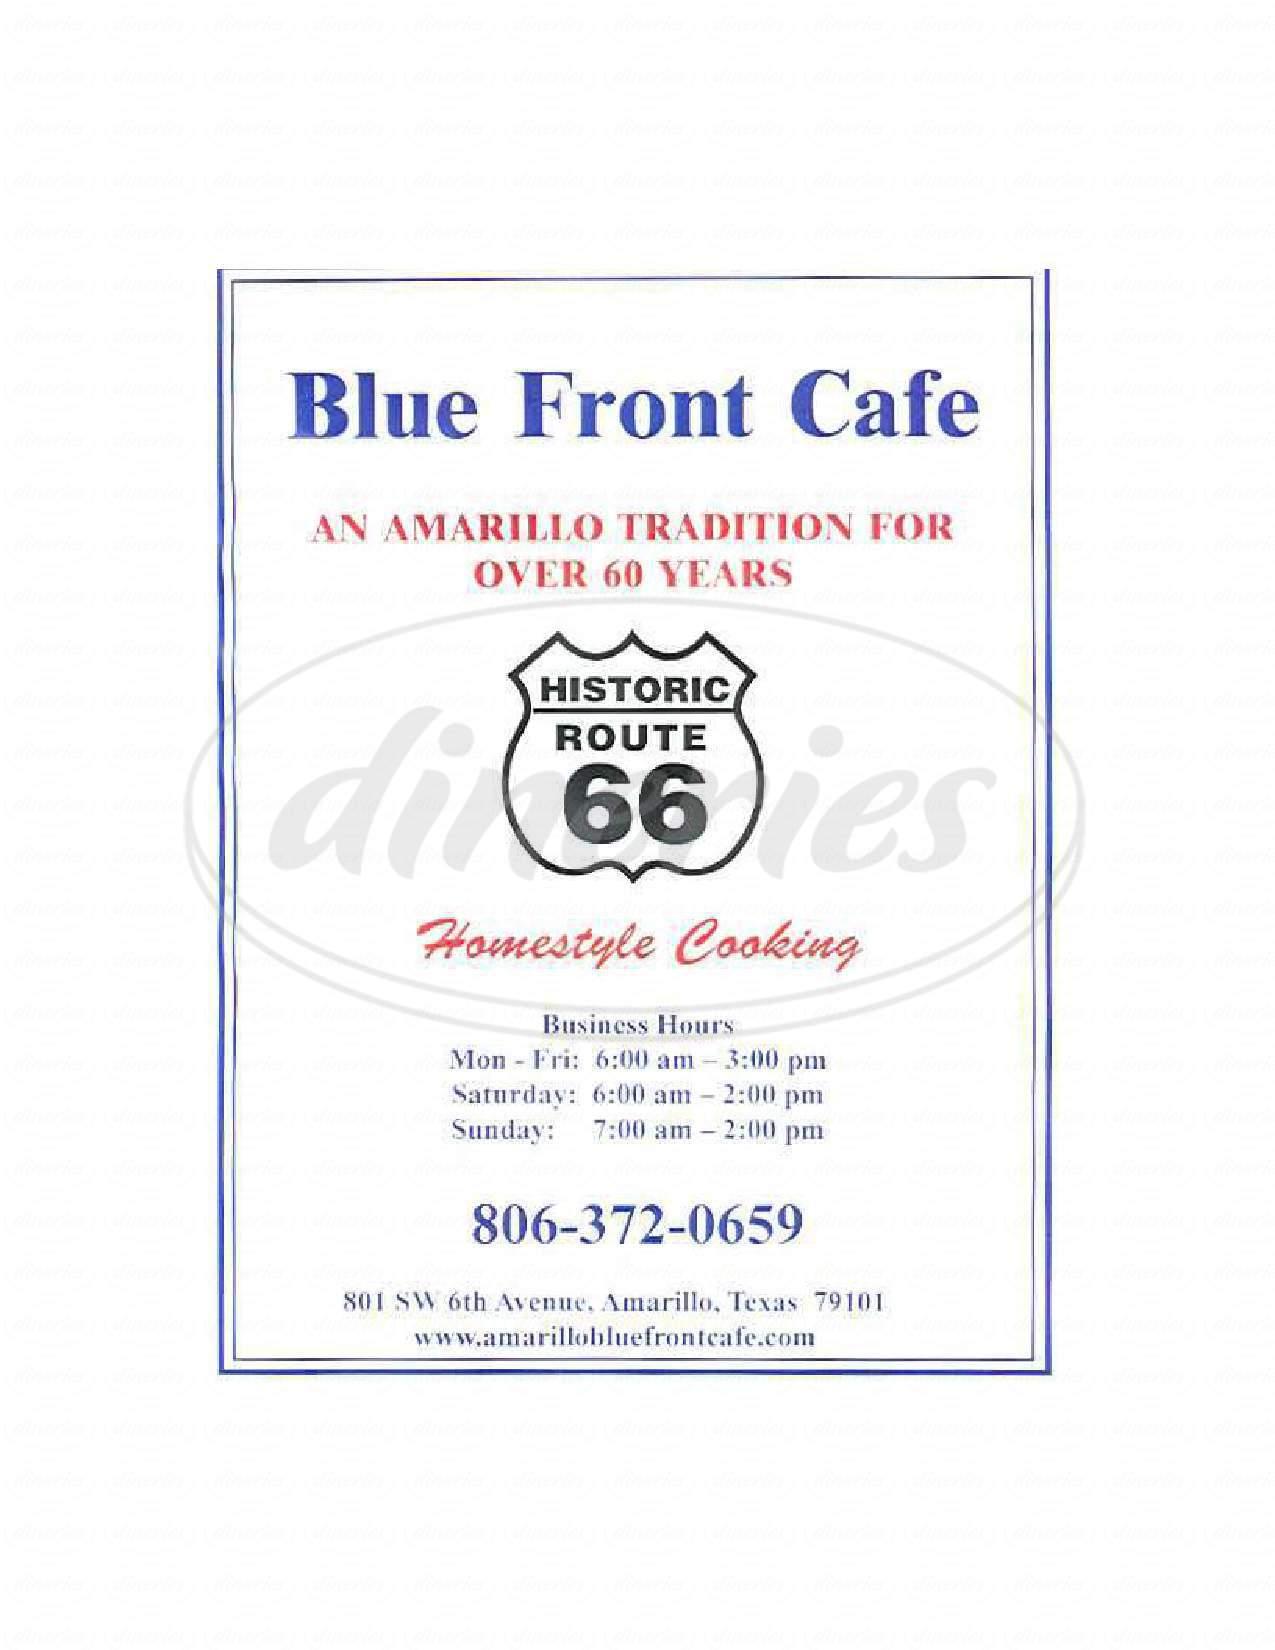 menu for Blue Front Cafe